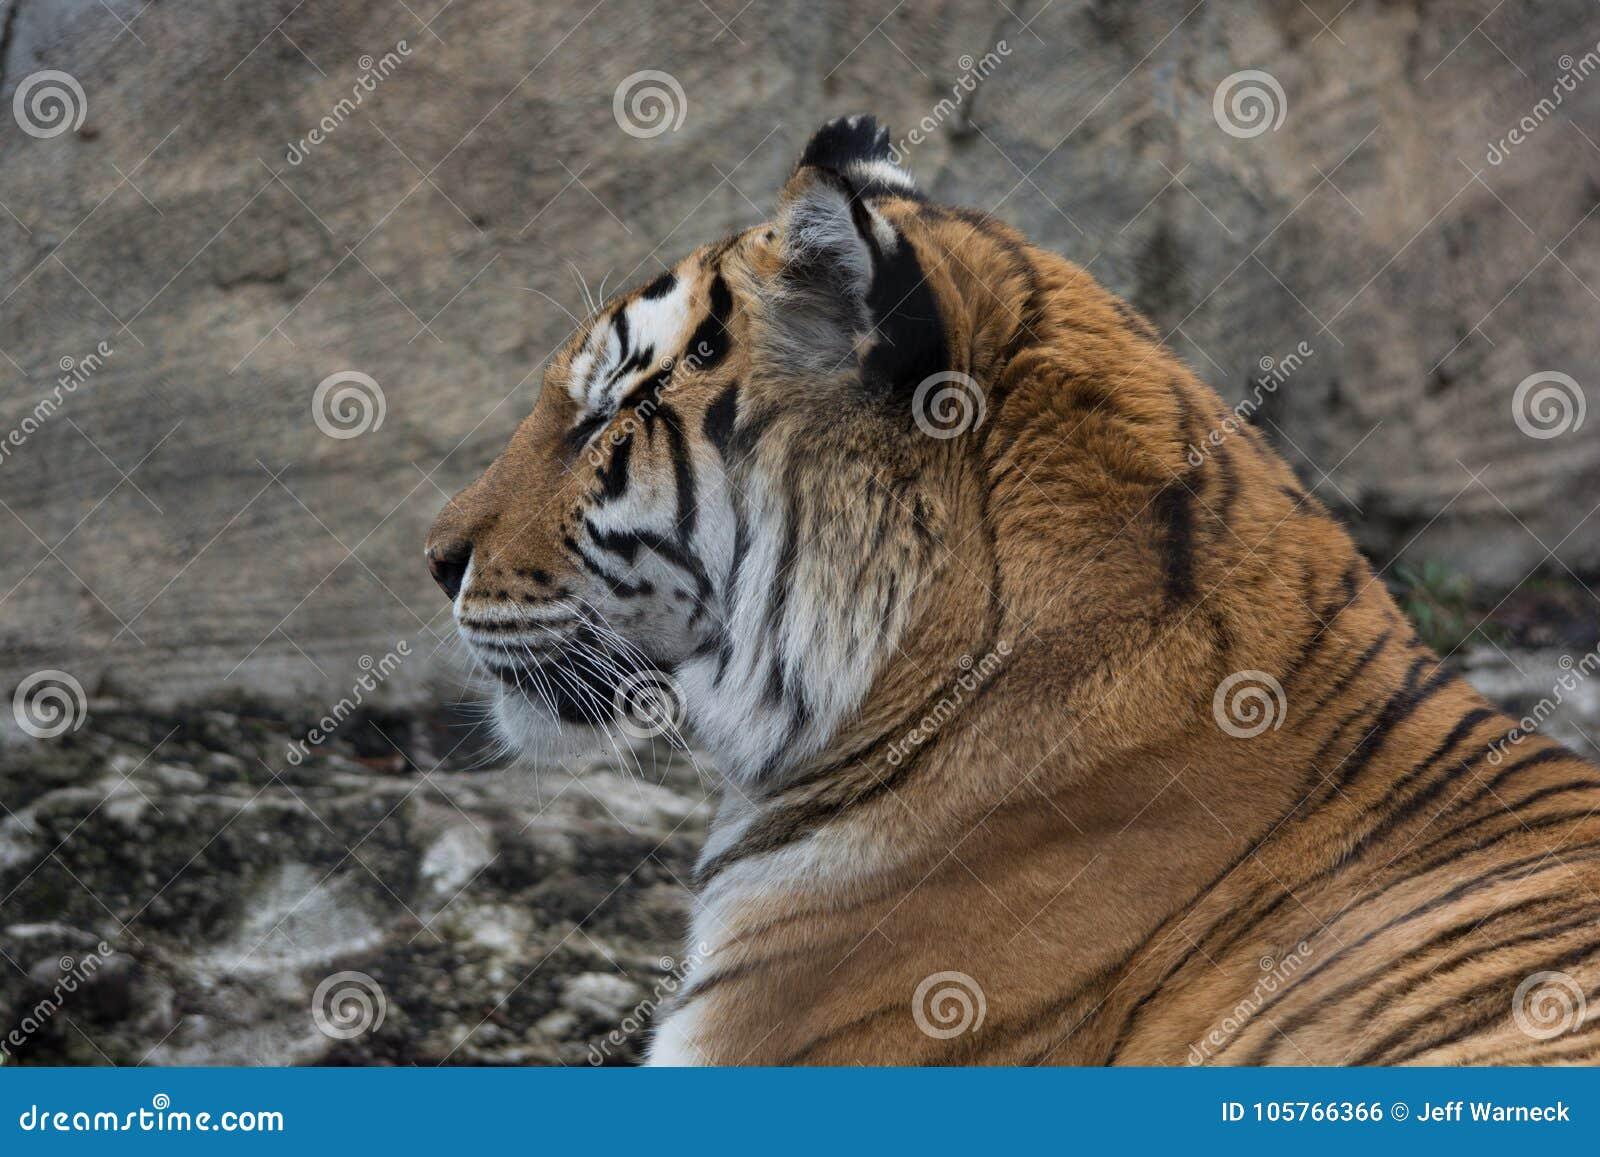 凝视到左边的老虎